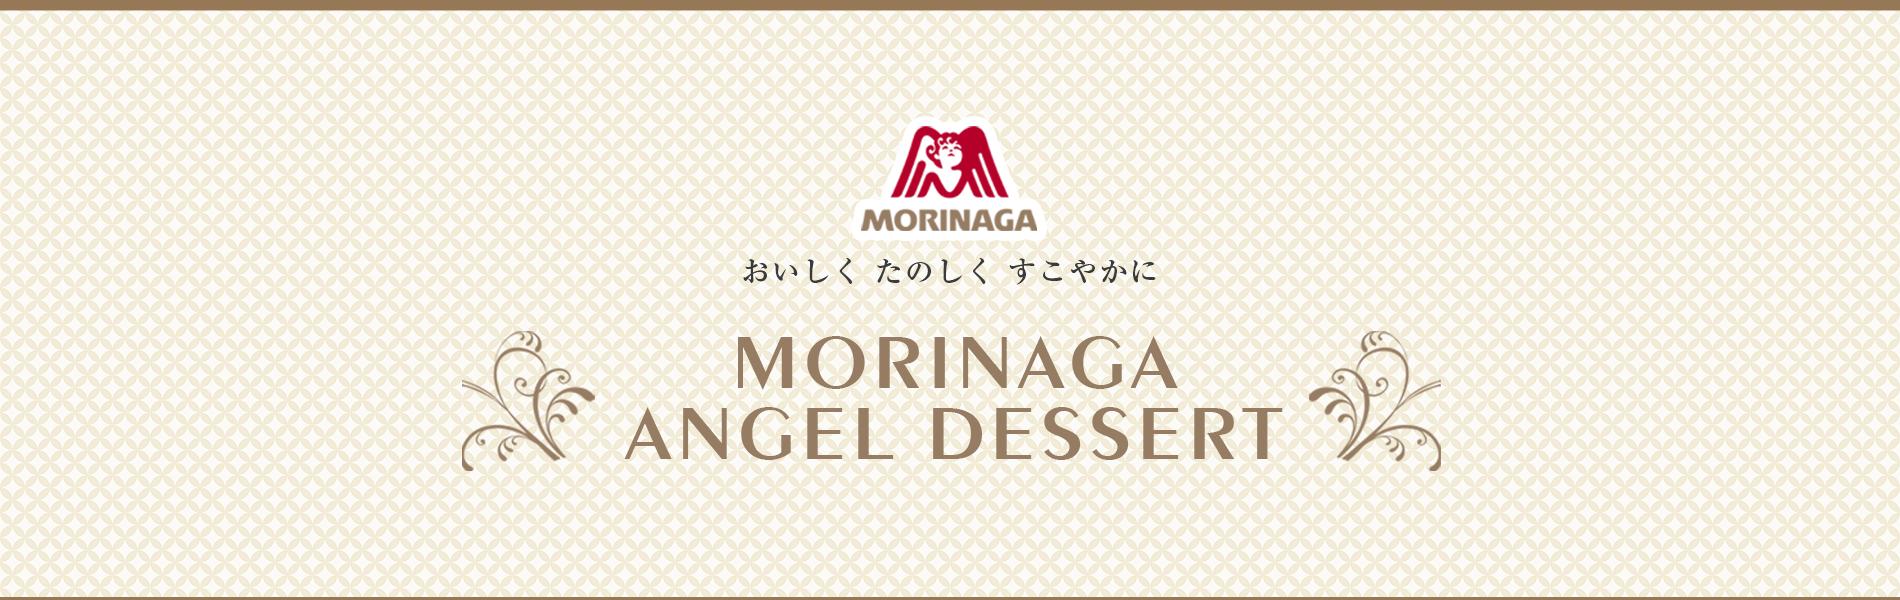 おいしく たのしく すこやかに MORINAGA ANGEL DESSERT